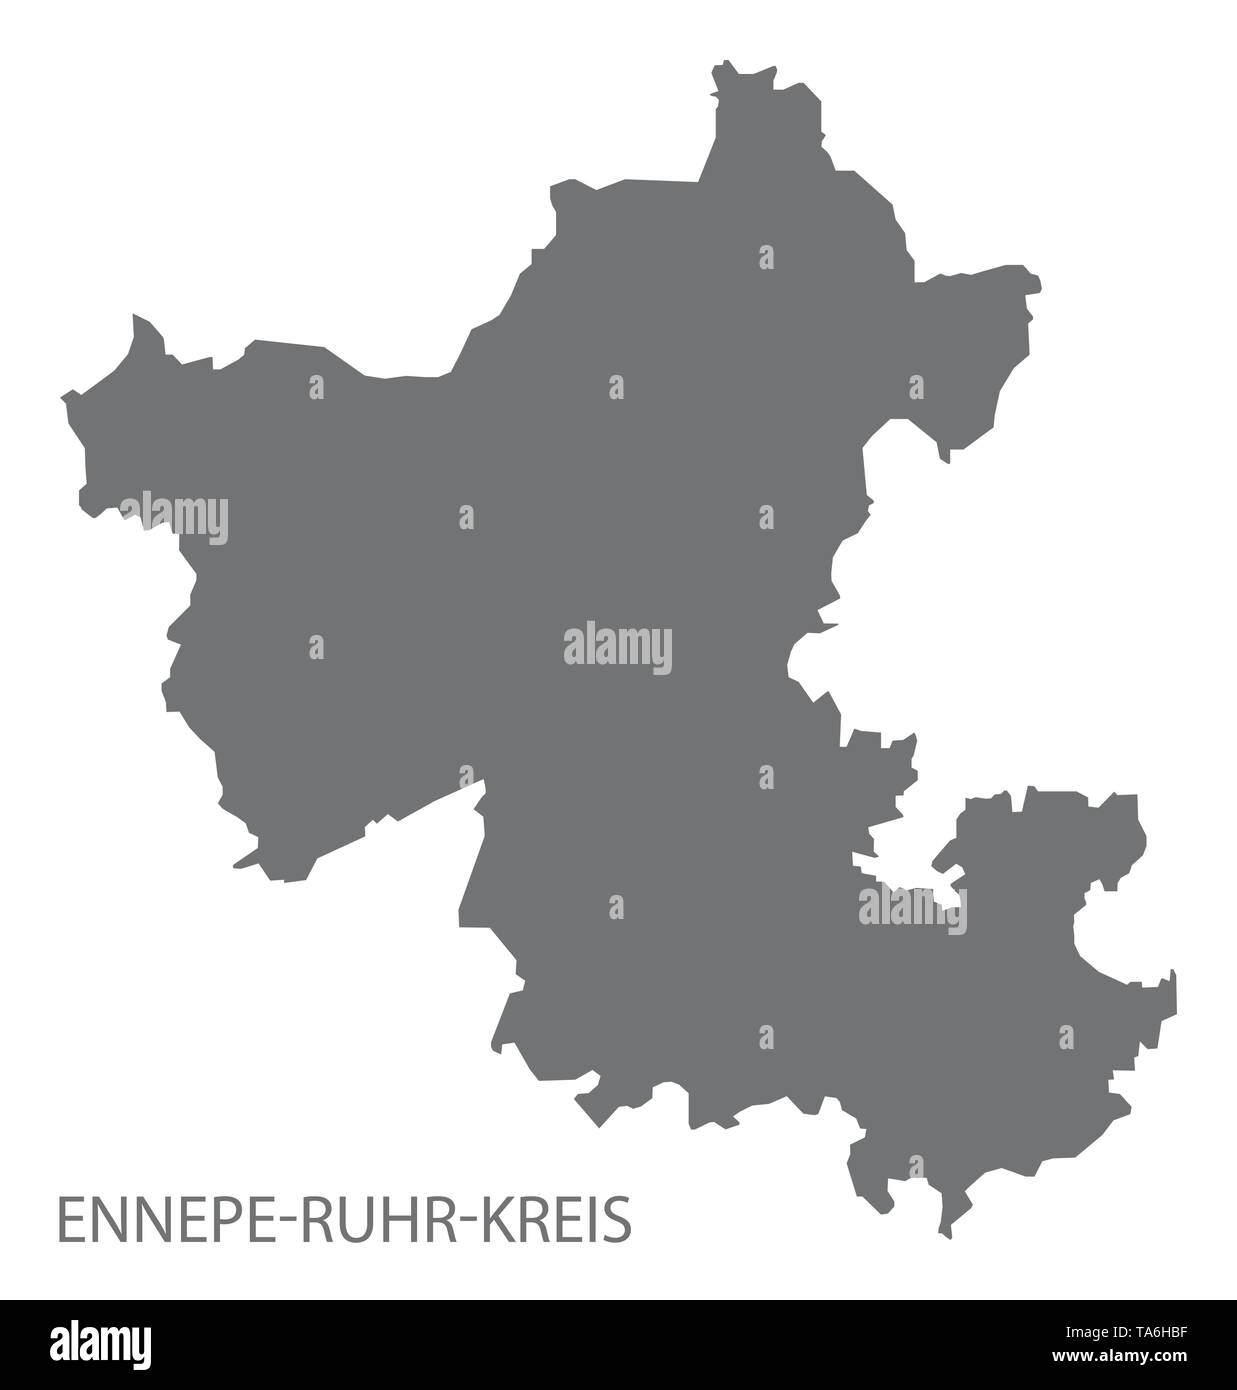 Ennepe-Ruhr-Kreis grey county map of North Rhine-Westphalia DE - Stock Image